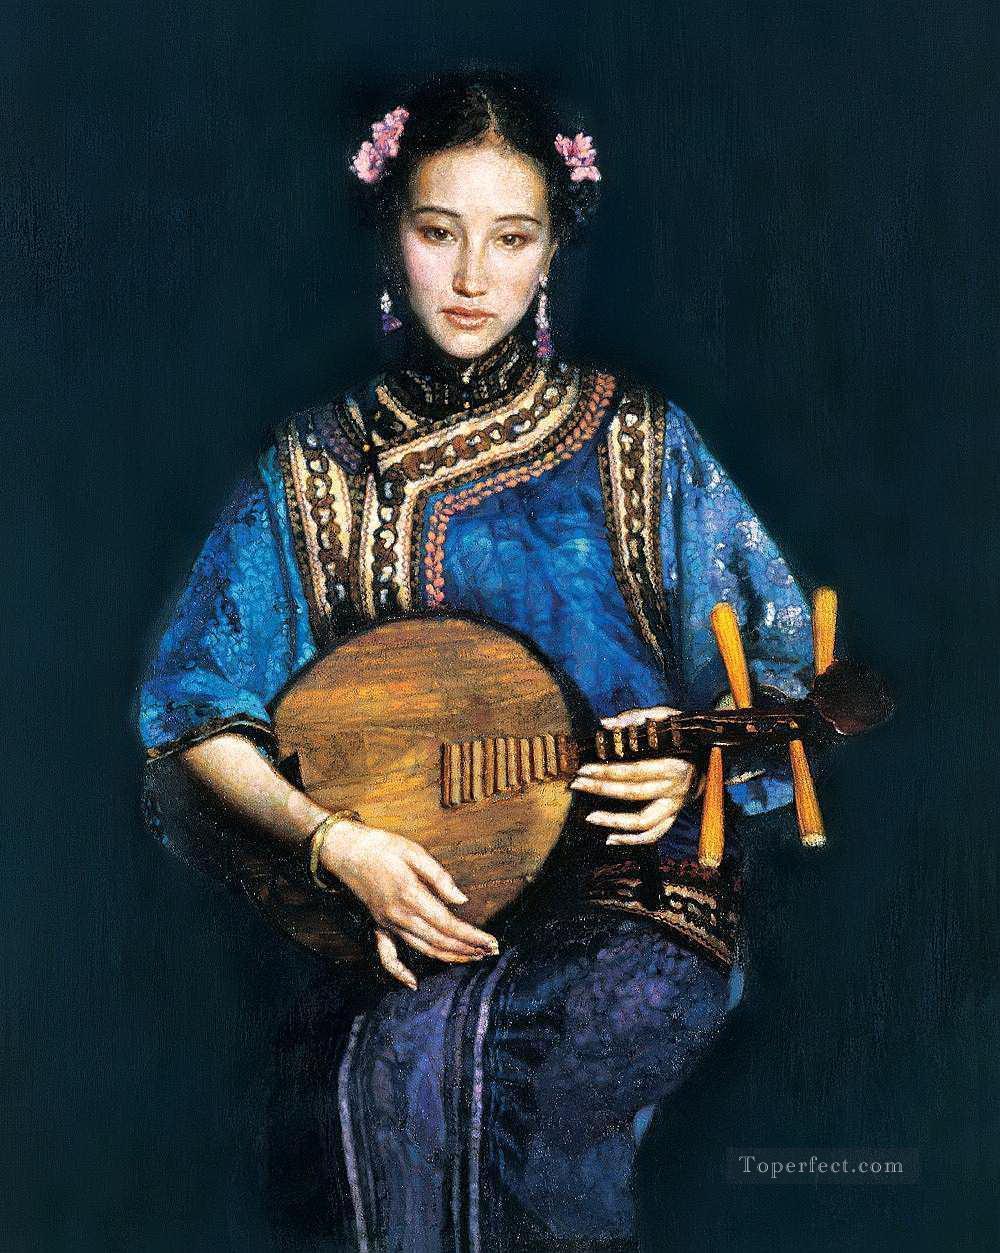 4zg053cD118-Chinese-painter-Chen-Yifei.jpg